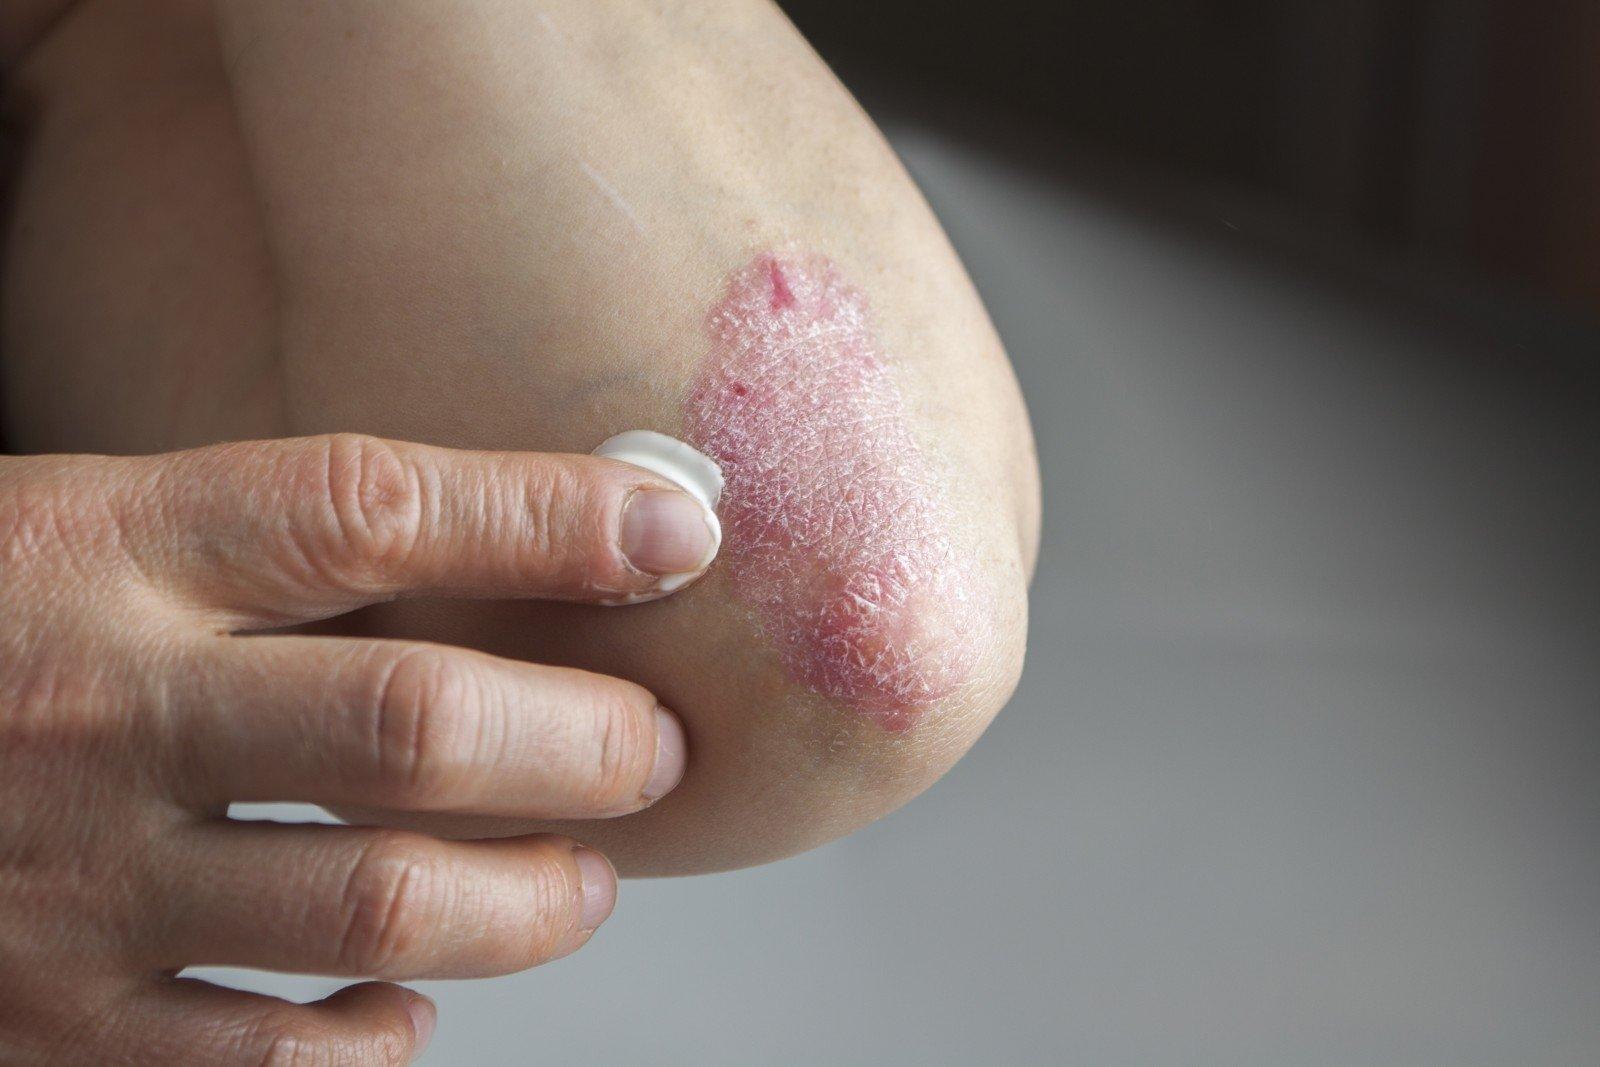 gydymas artrozės sąnarių sustabdyti 2 laipsnių su skausmu raumenų ir sąnarių gydymo liaudies gynimo